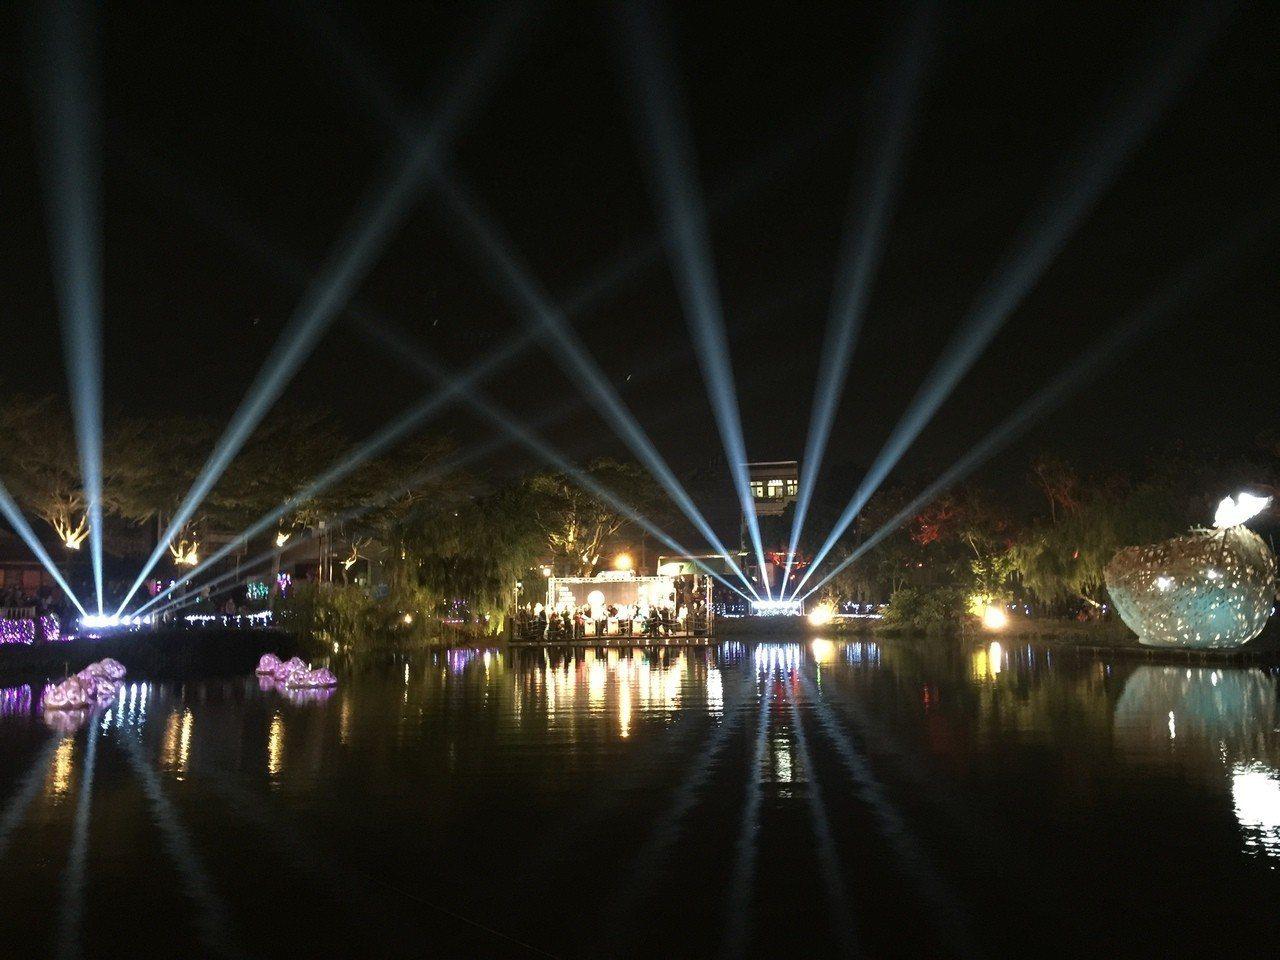 月津港燈節啓燈,璀璨燈光照耀月津港。 記者吳政修/攝影